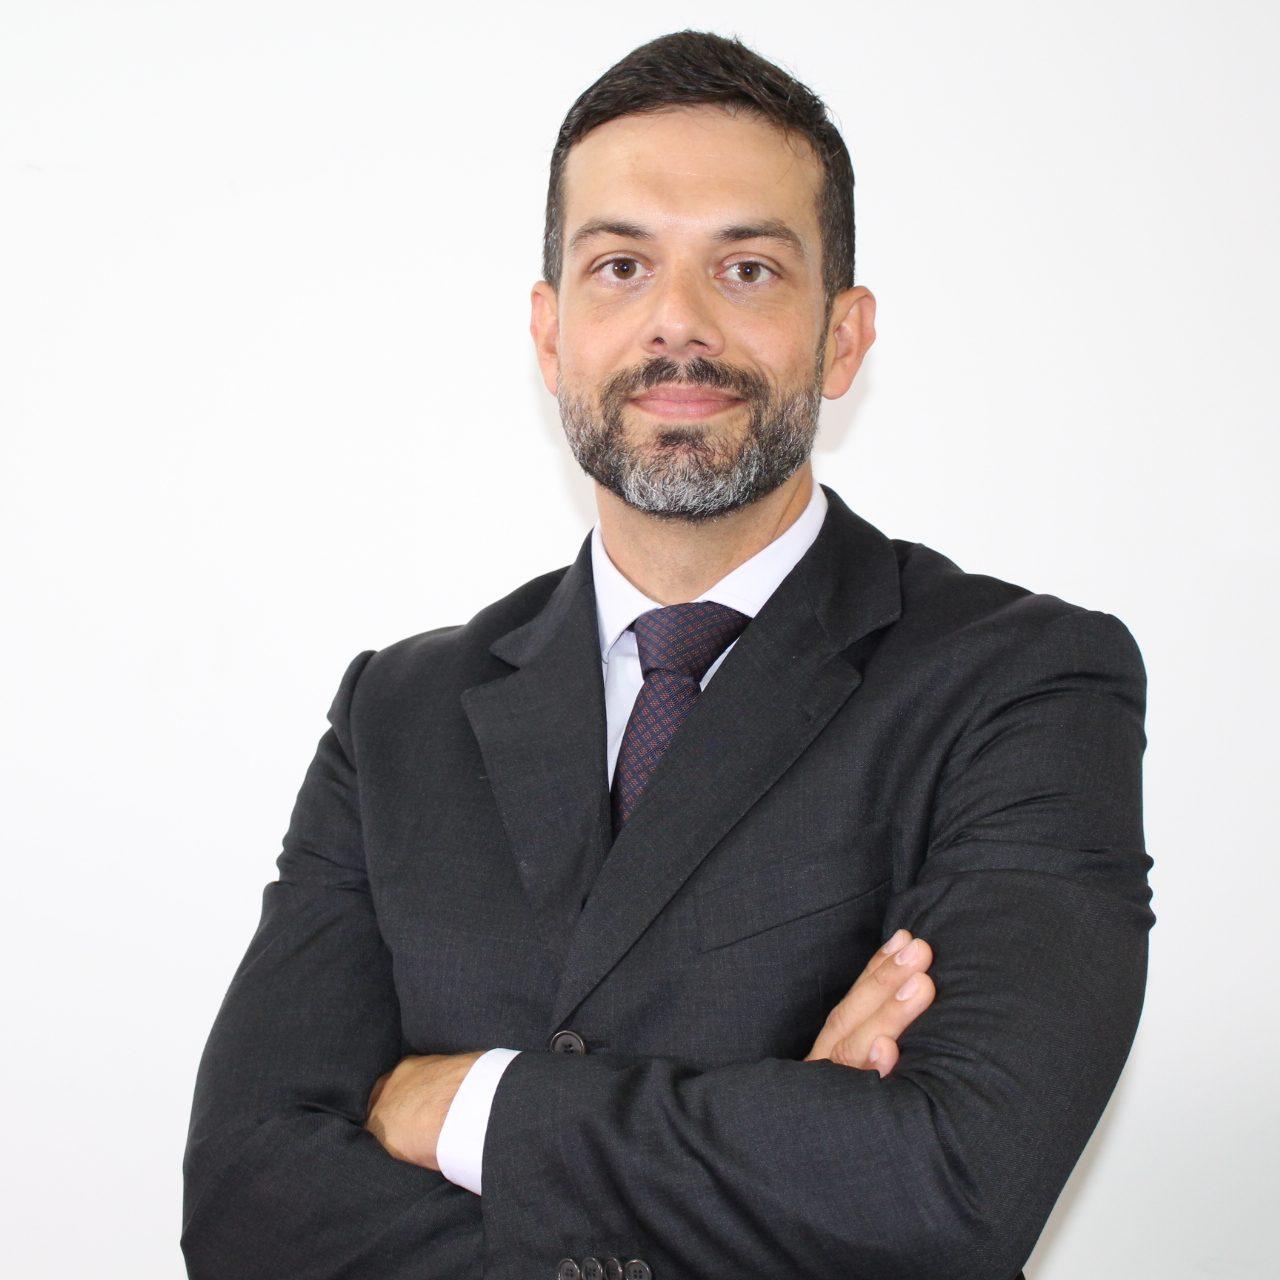 Pedro Dumans